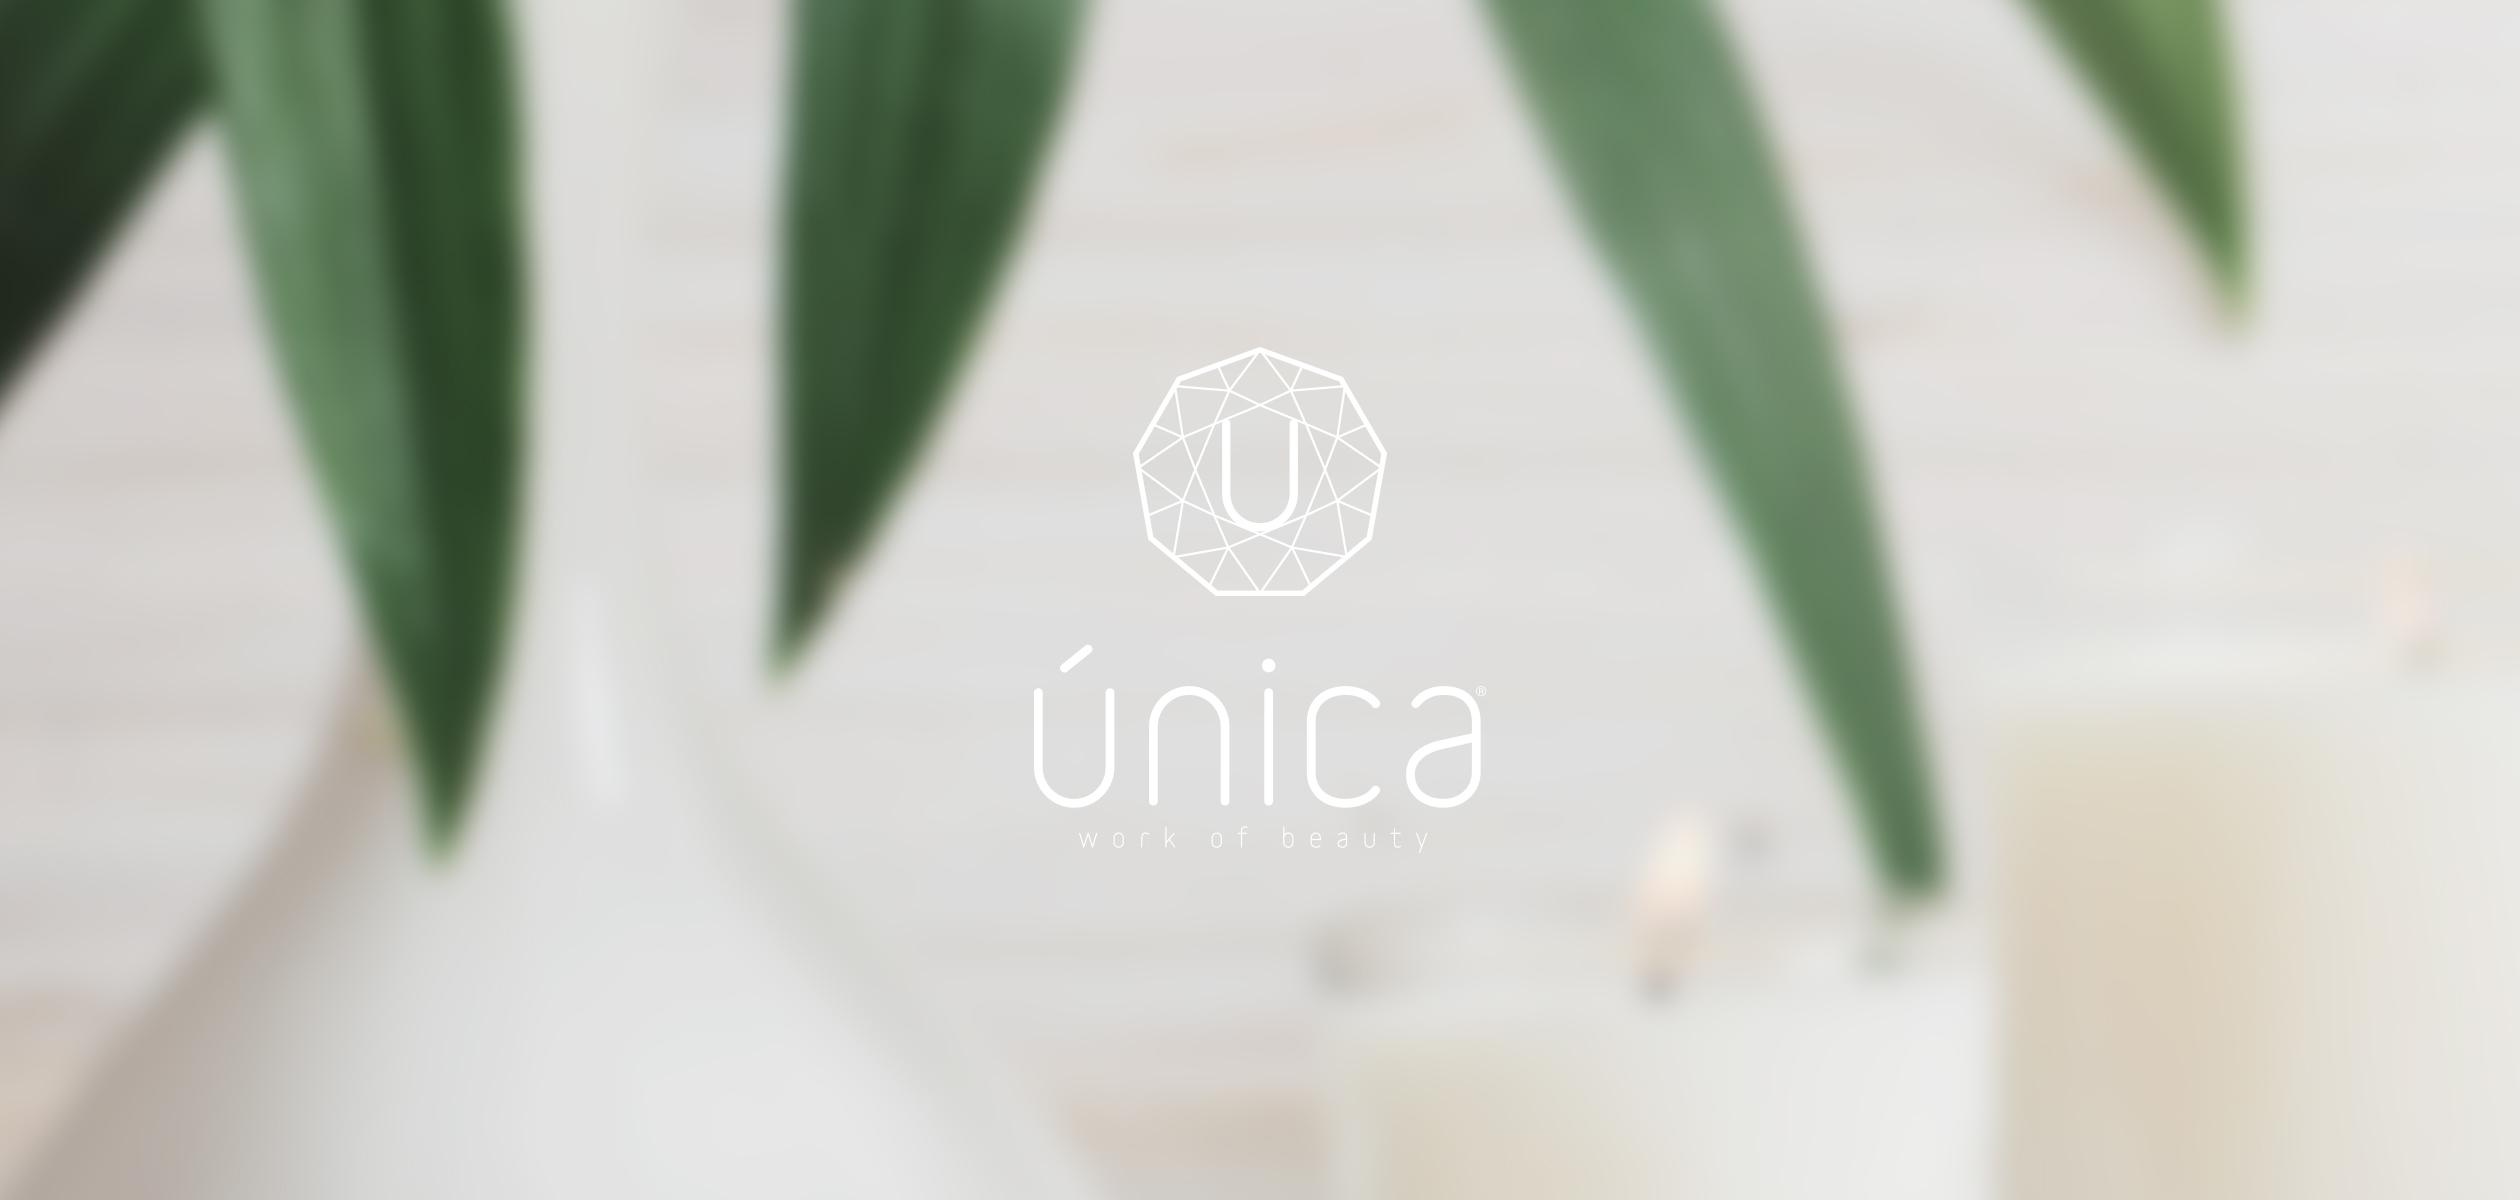 BCG_Portfolio_UnicaSpaBody_01